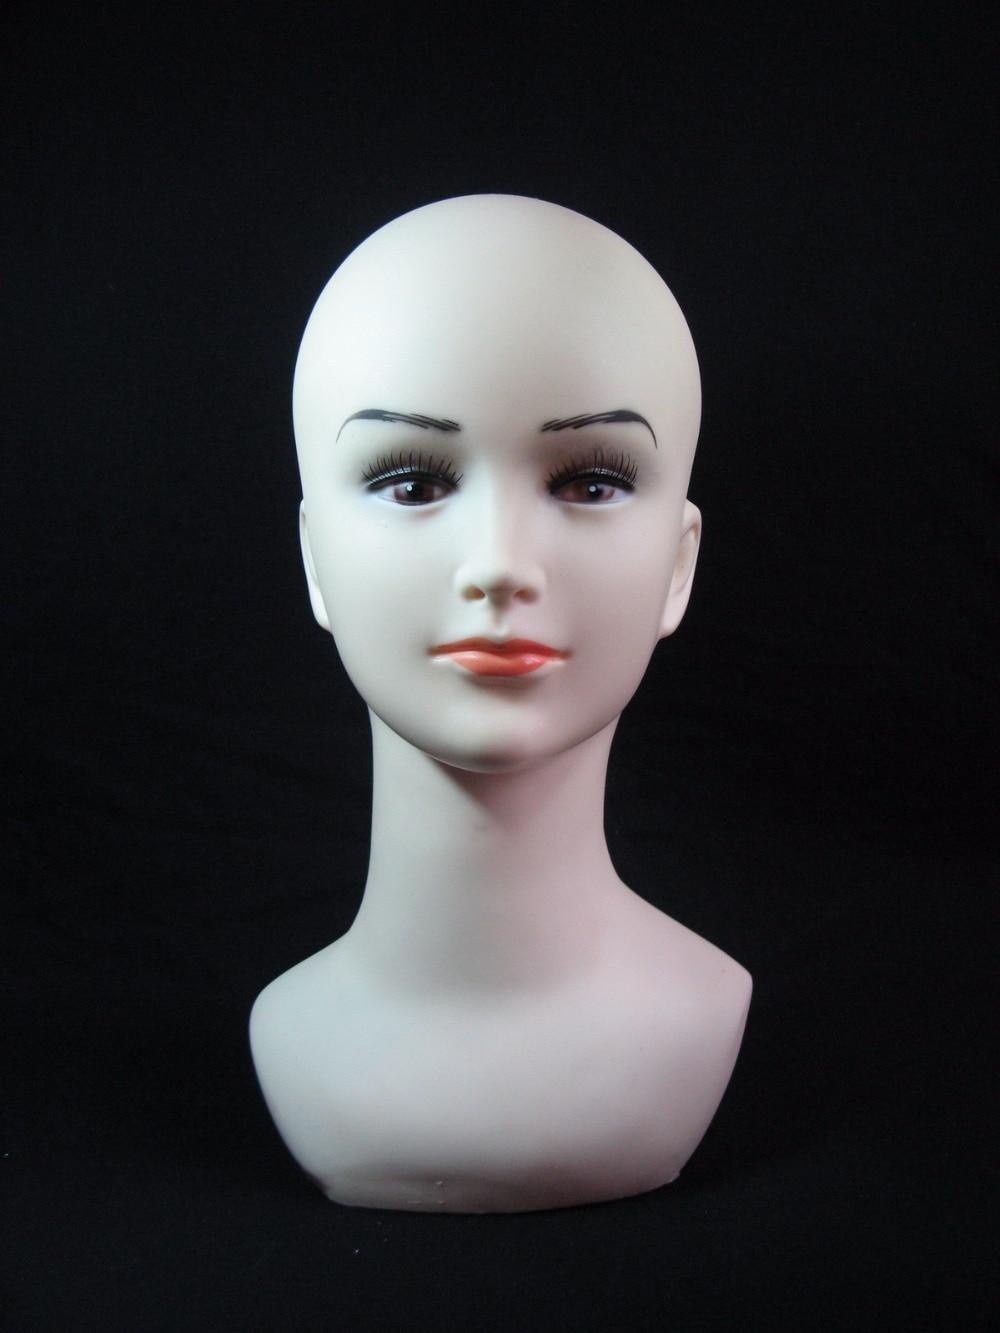 Alta calidad realista plástico maniquí femenino maniquí maniquí - Artes, artesanía y costura